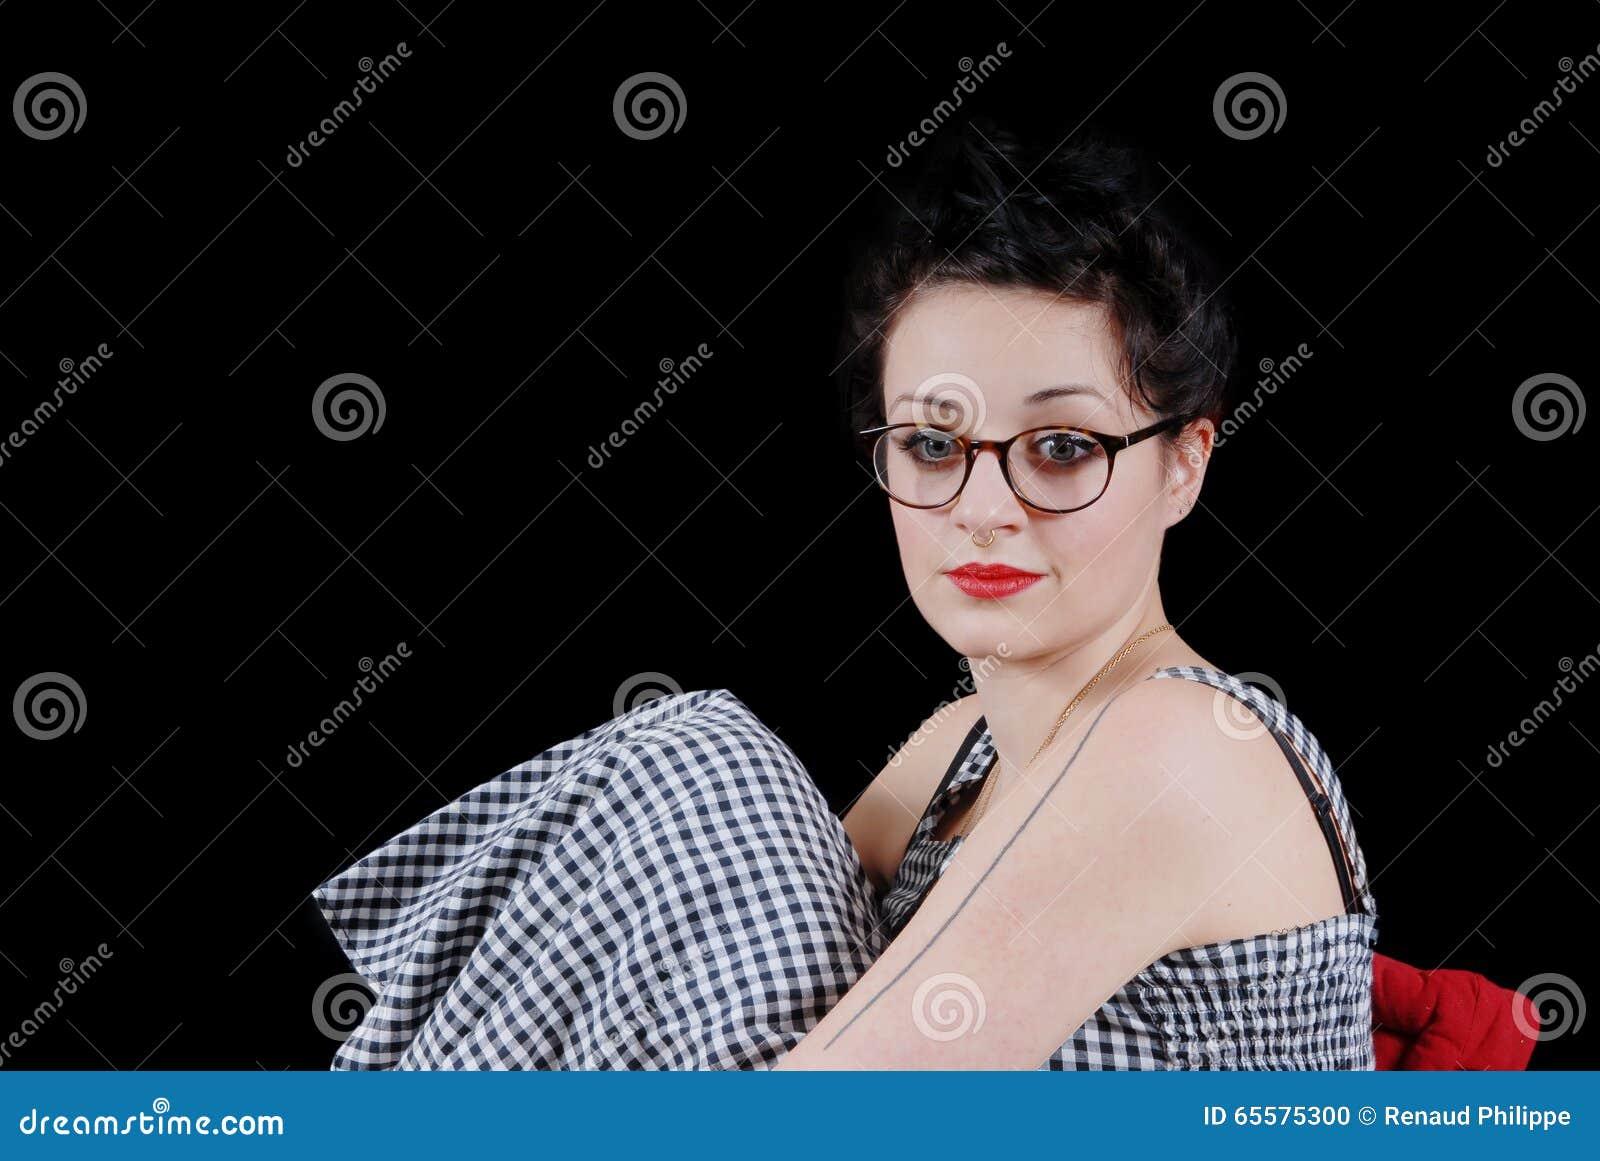 Retrato de um brunette consideravelmente novo